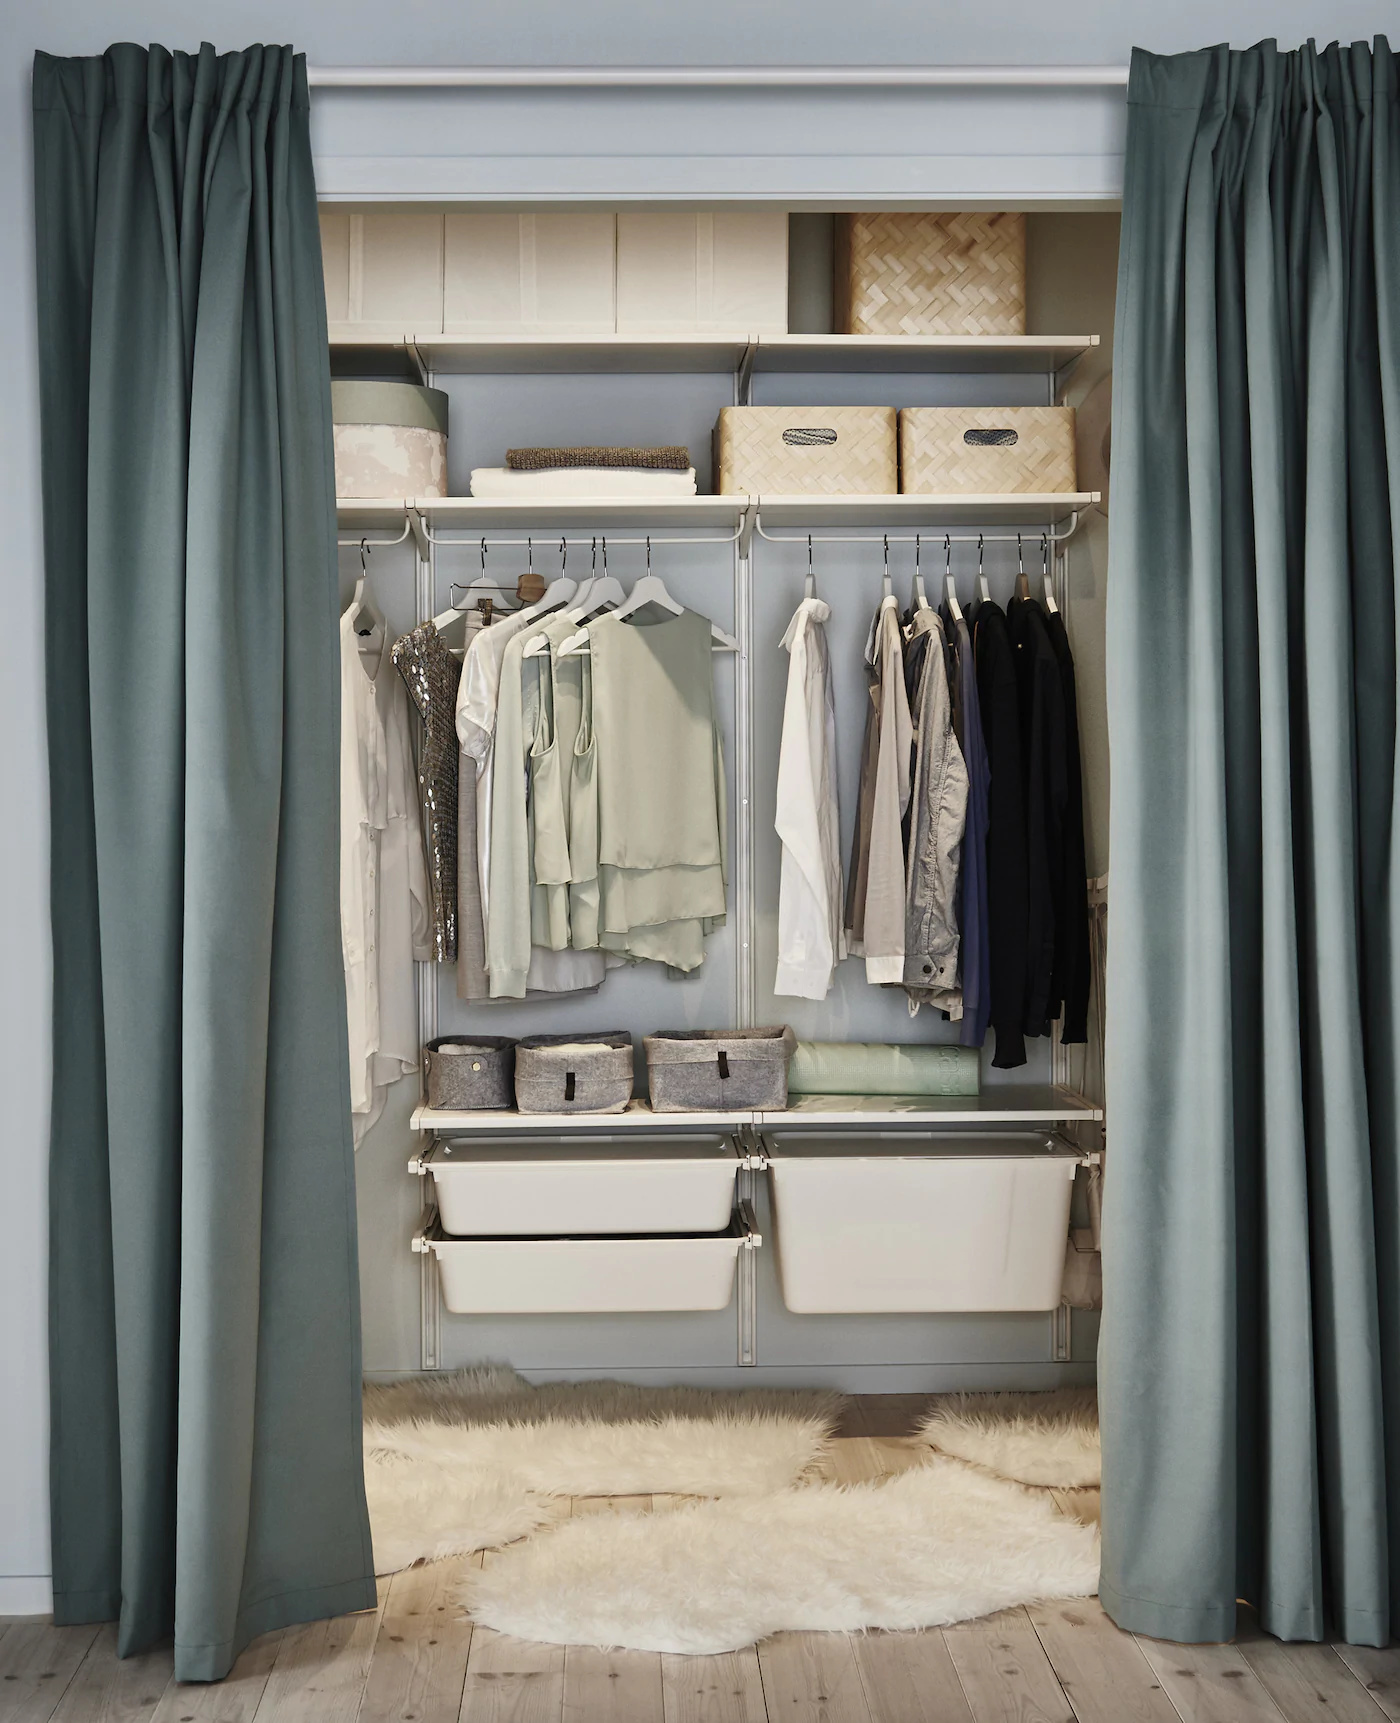 cabine armadio Ikea